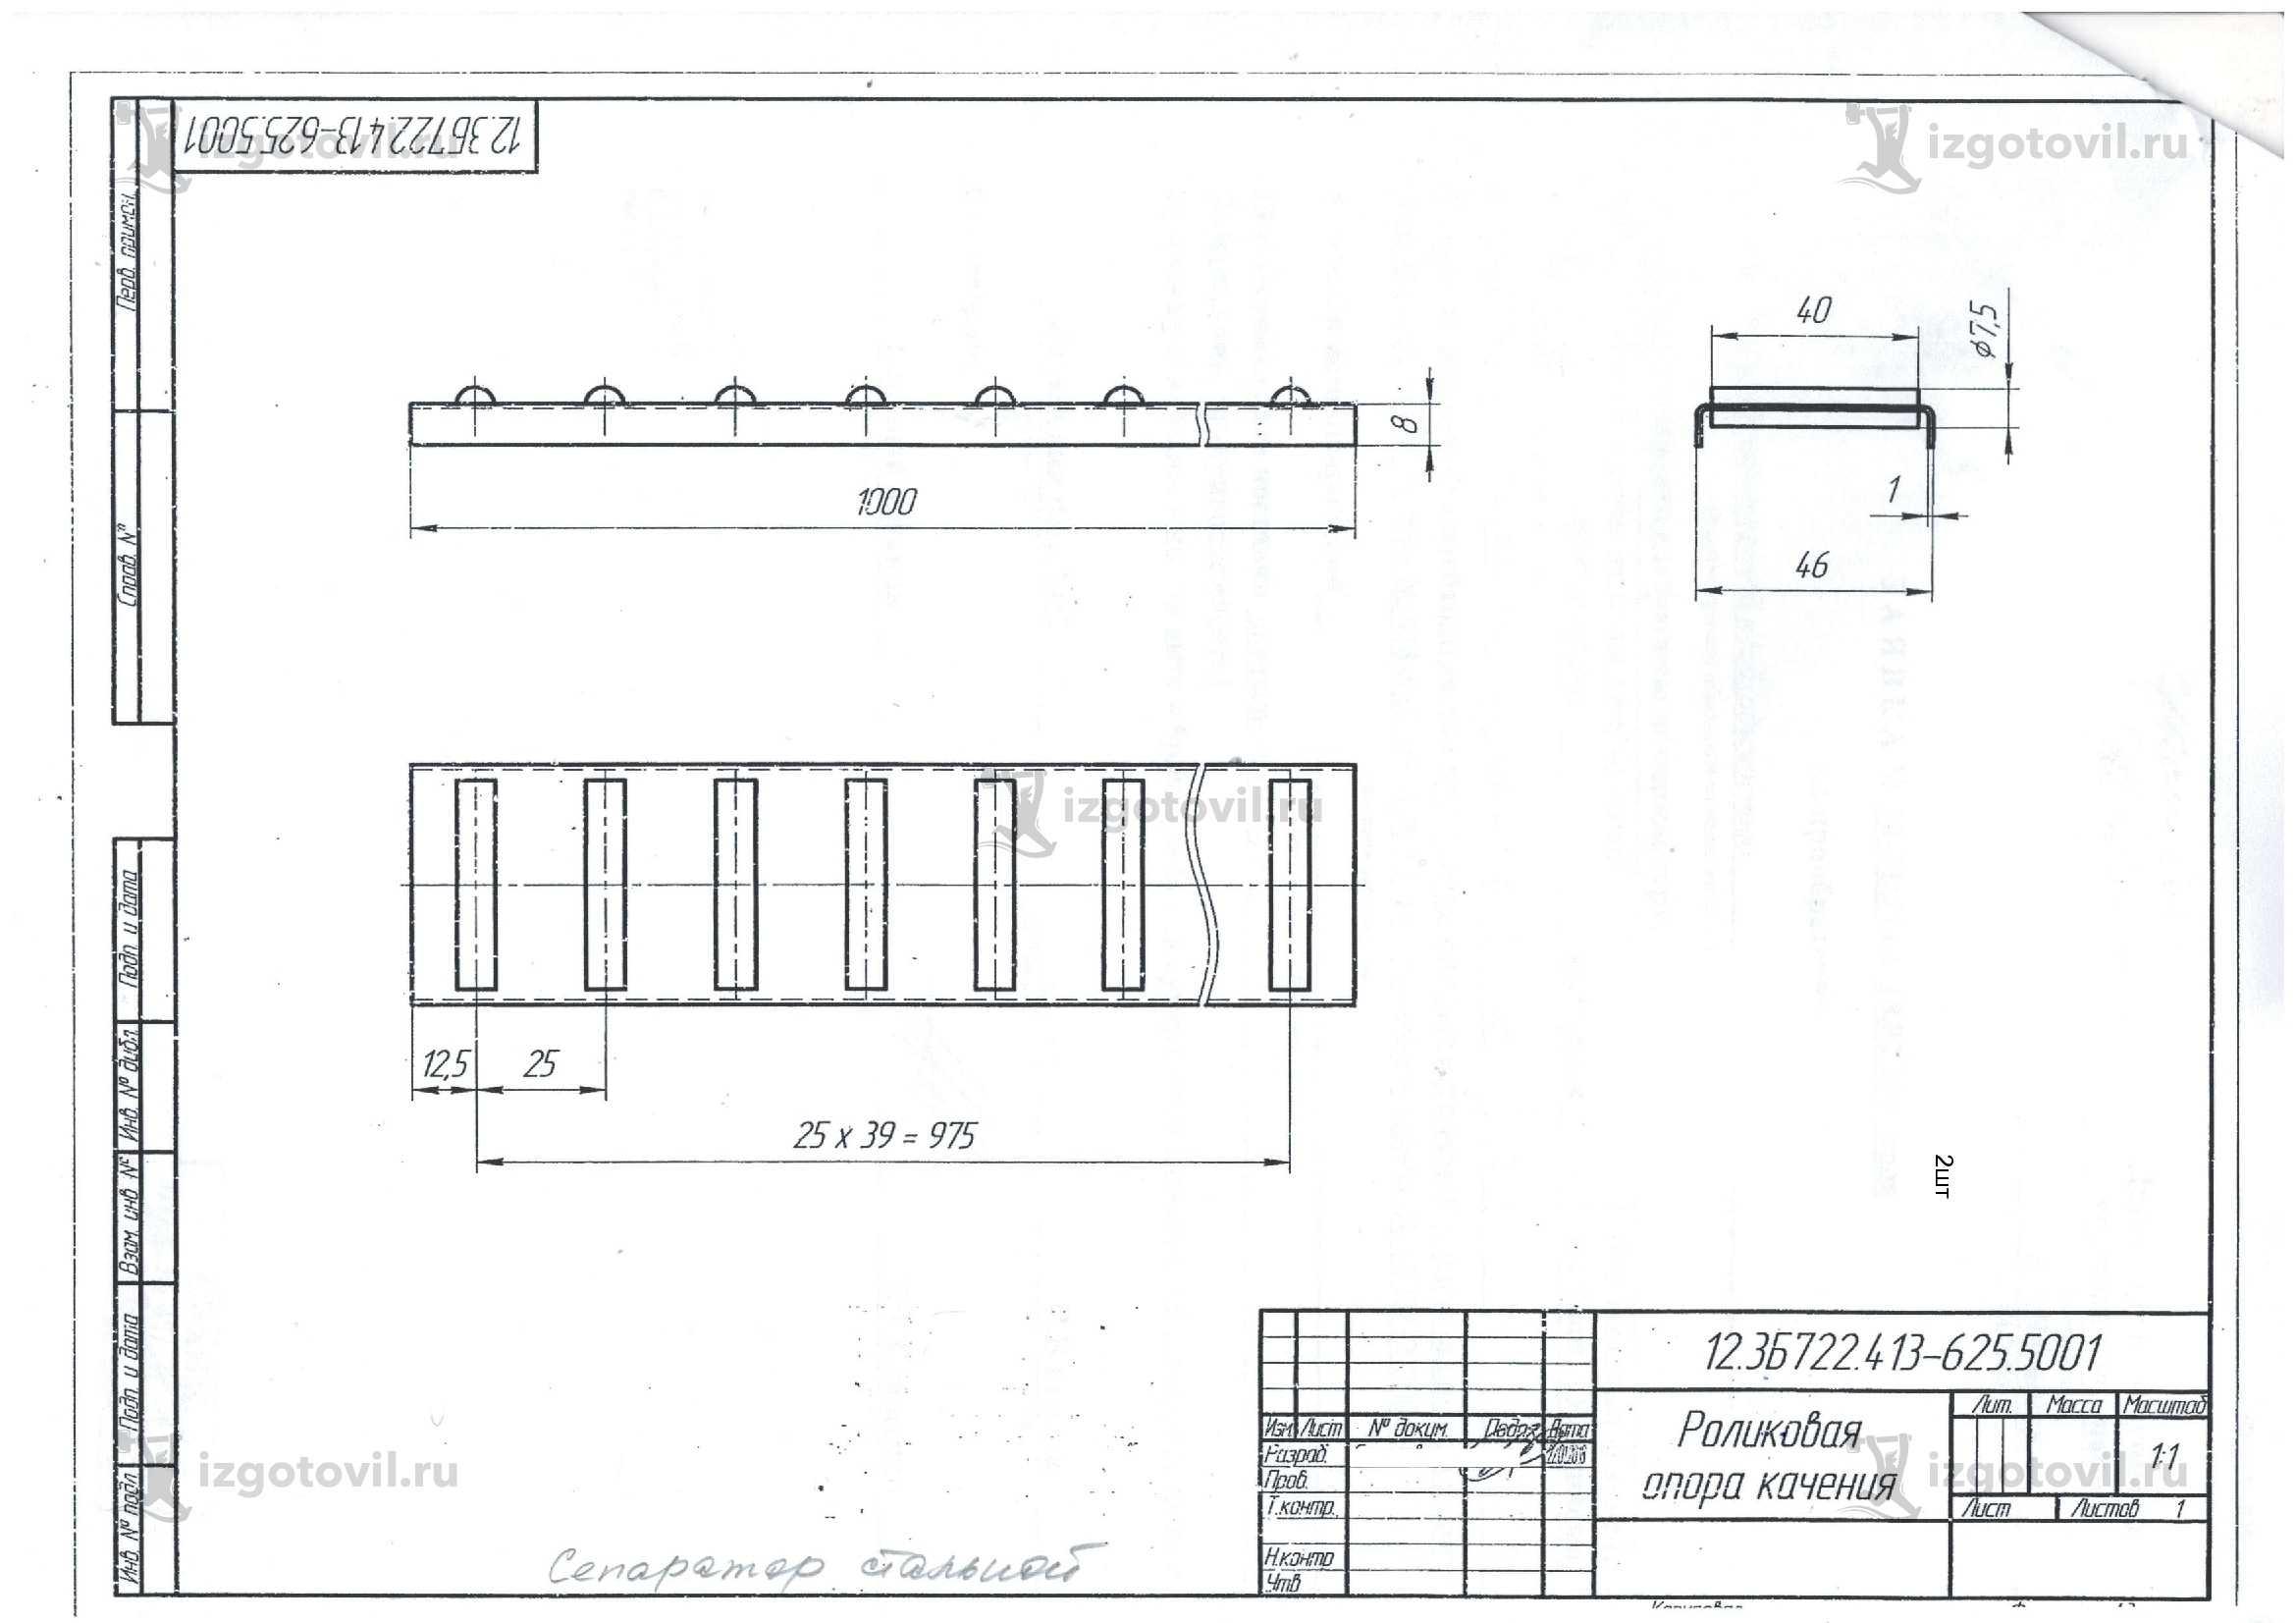 Изготовление деталей оборудования (Роликовые опоры качения)